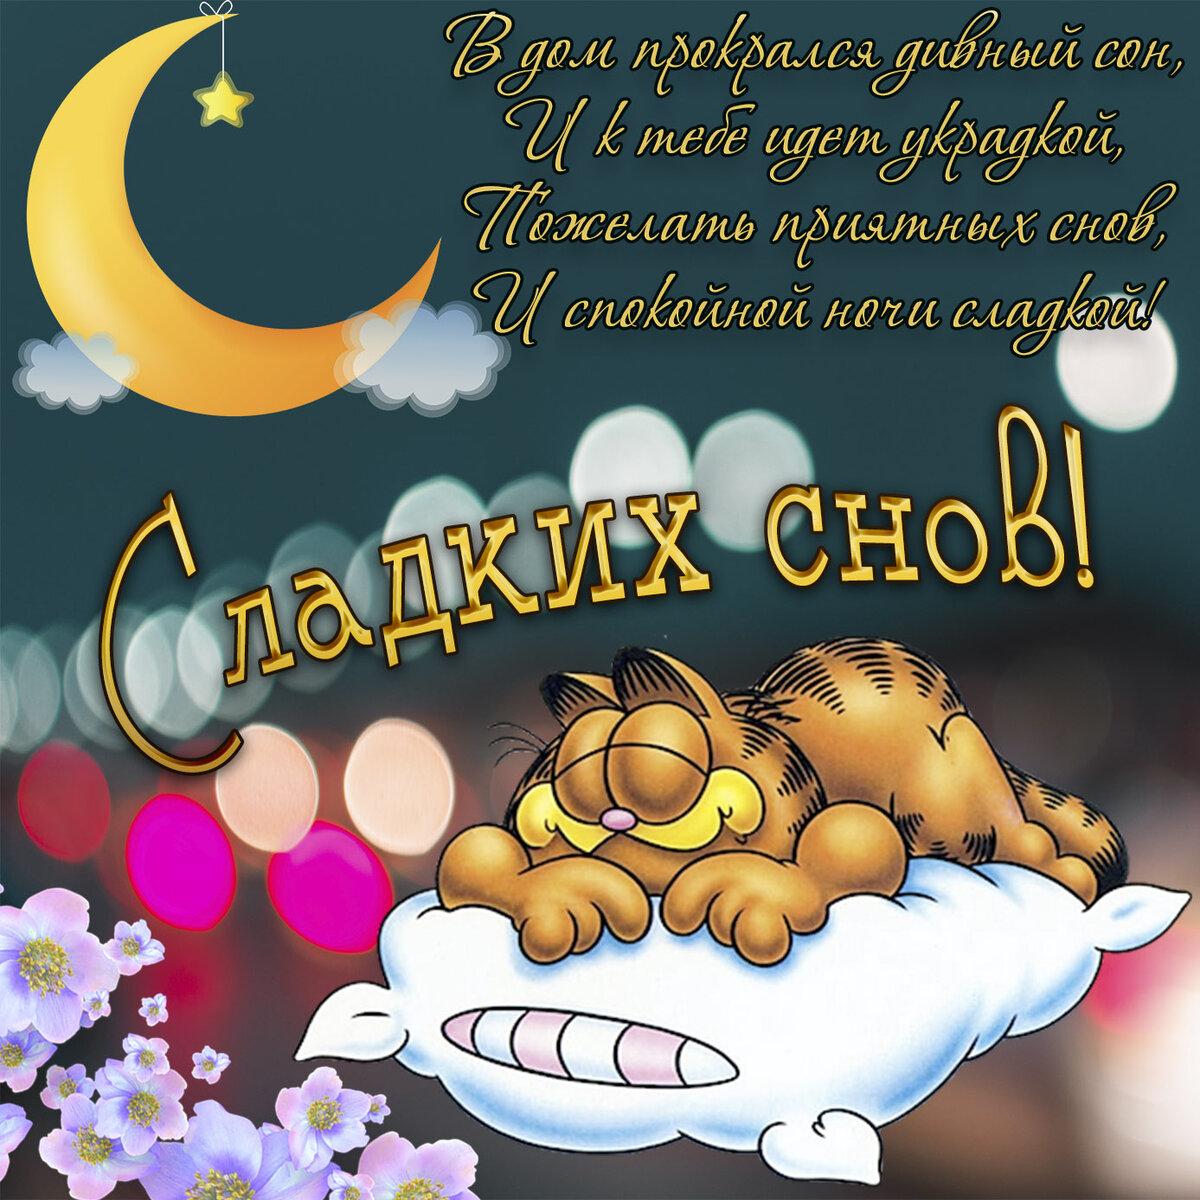 Шуточные поздравления спокойной ночи